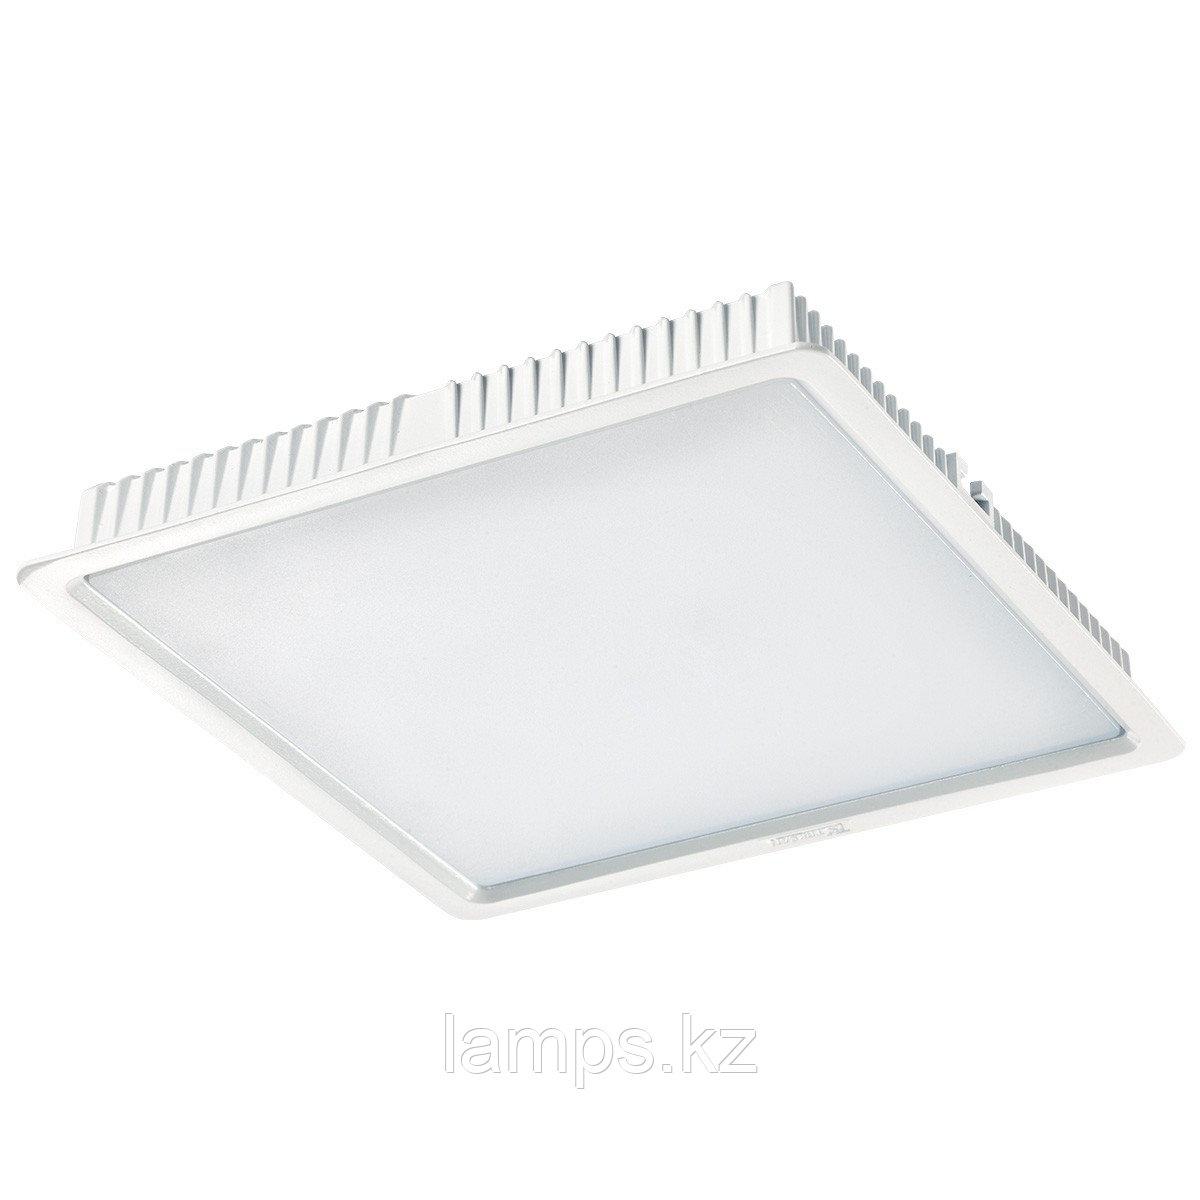 Светильник встраиваемый светодиодный квадратный белый потолочный LED SQ Panel 30W 4500K